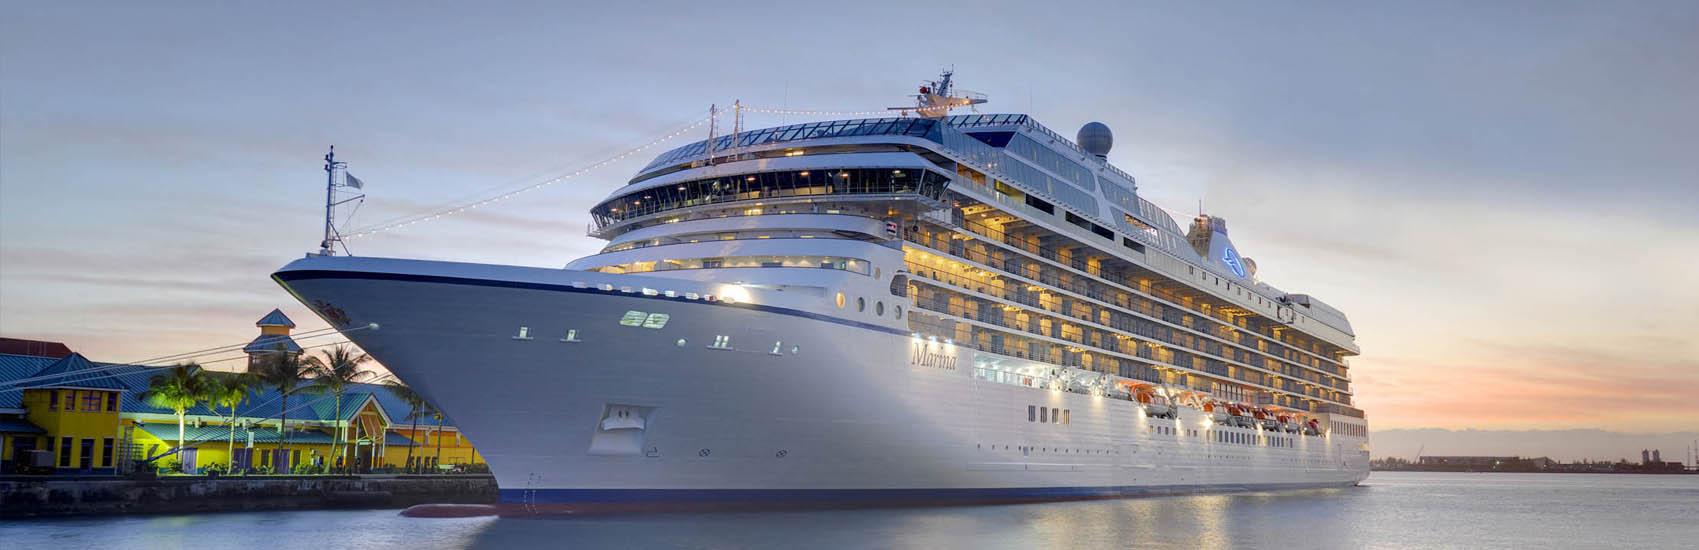 Économisez sur votre prochaine aventure avec Oceania Cruises 2